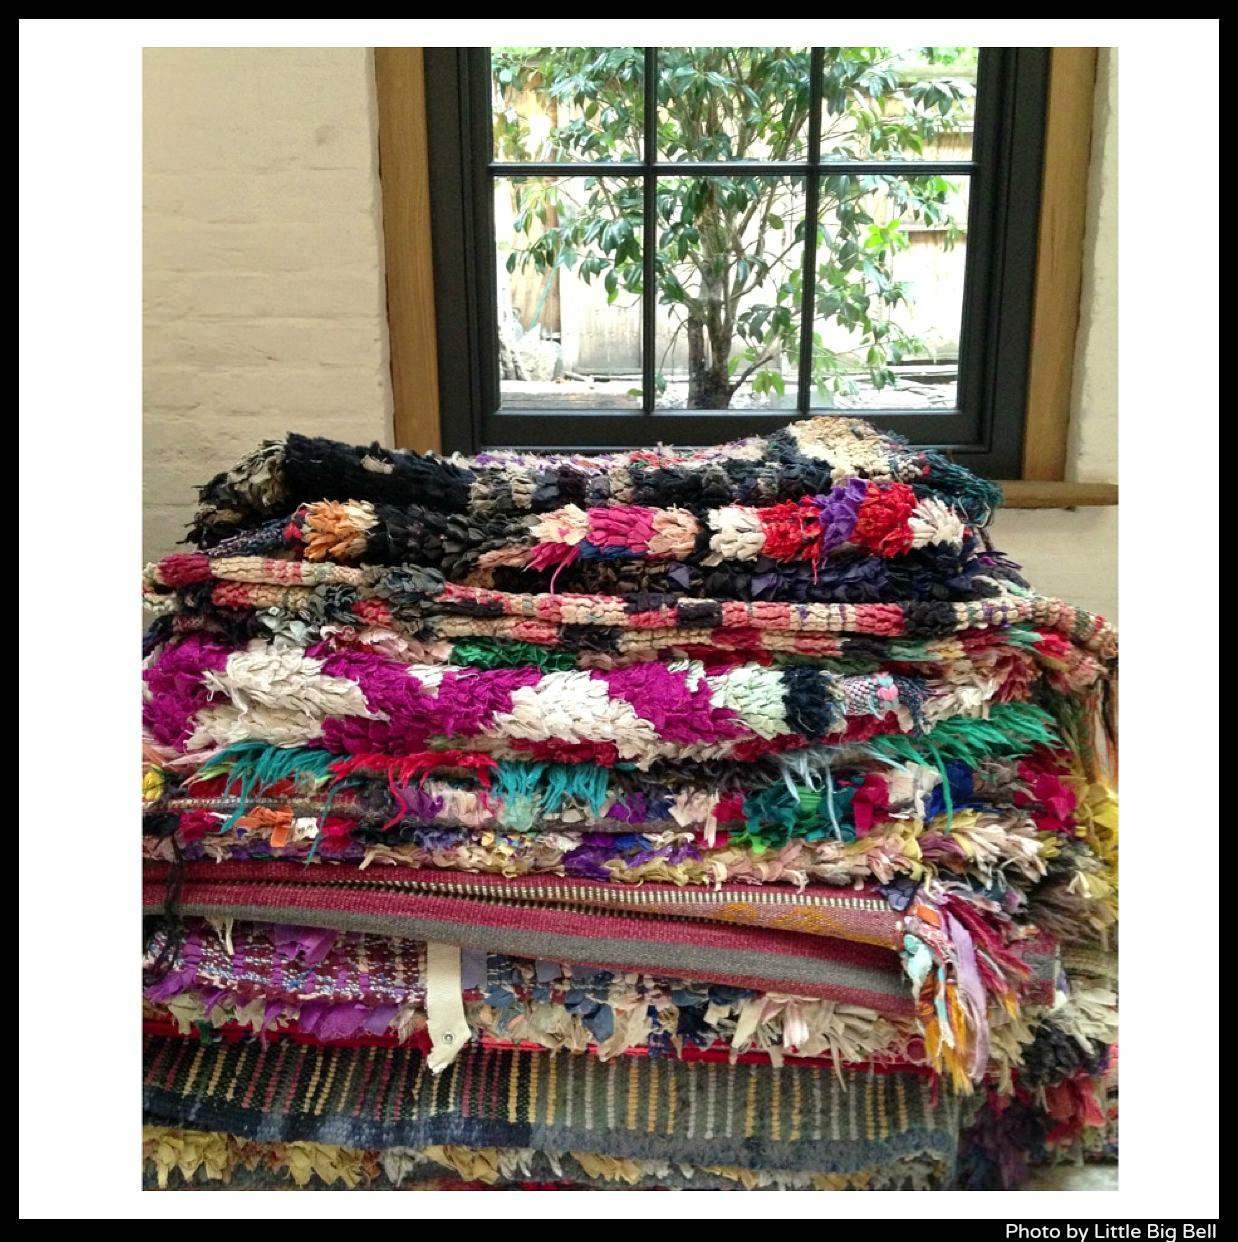 Littlebigbell carpets by emily 39 s house london design for London design festival 2013